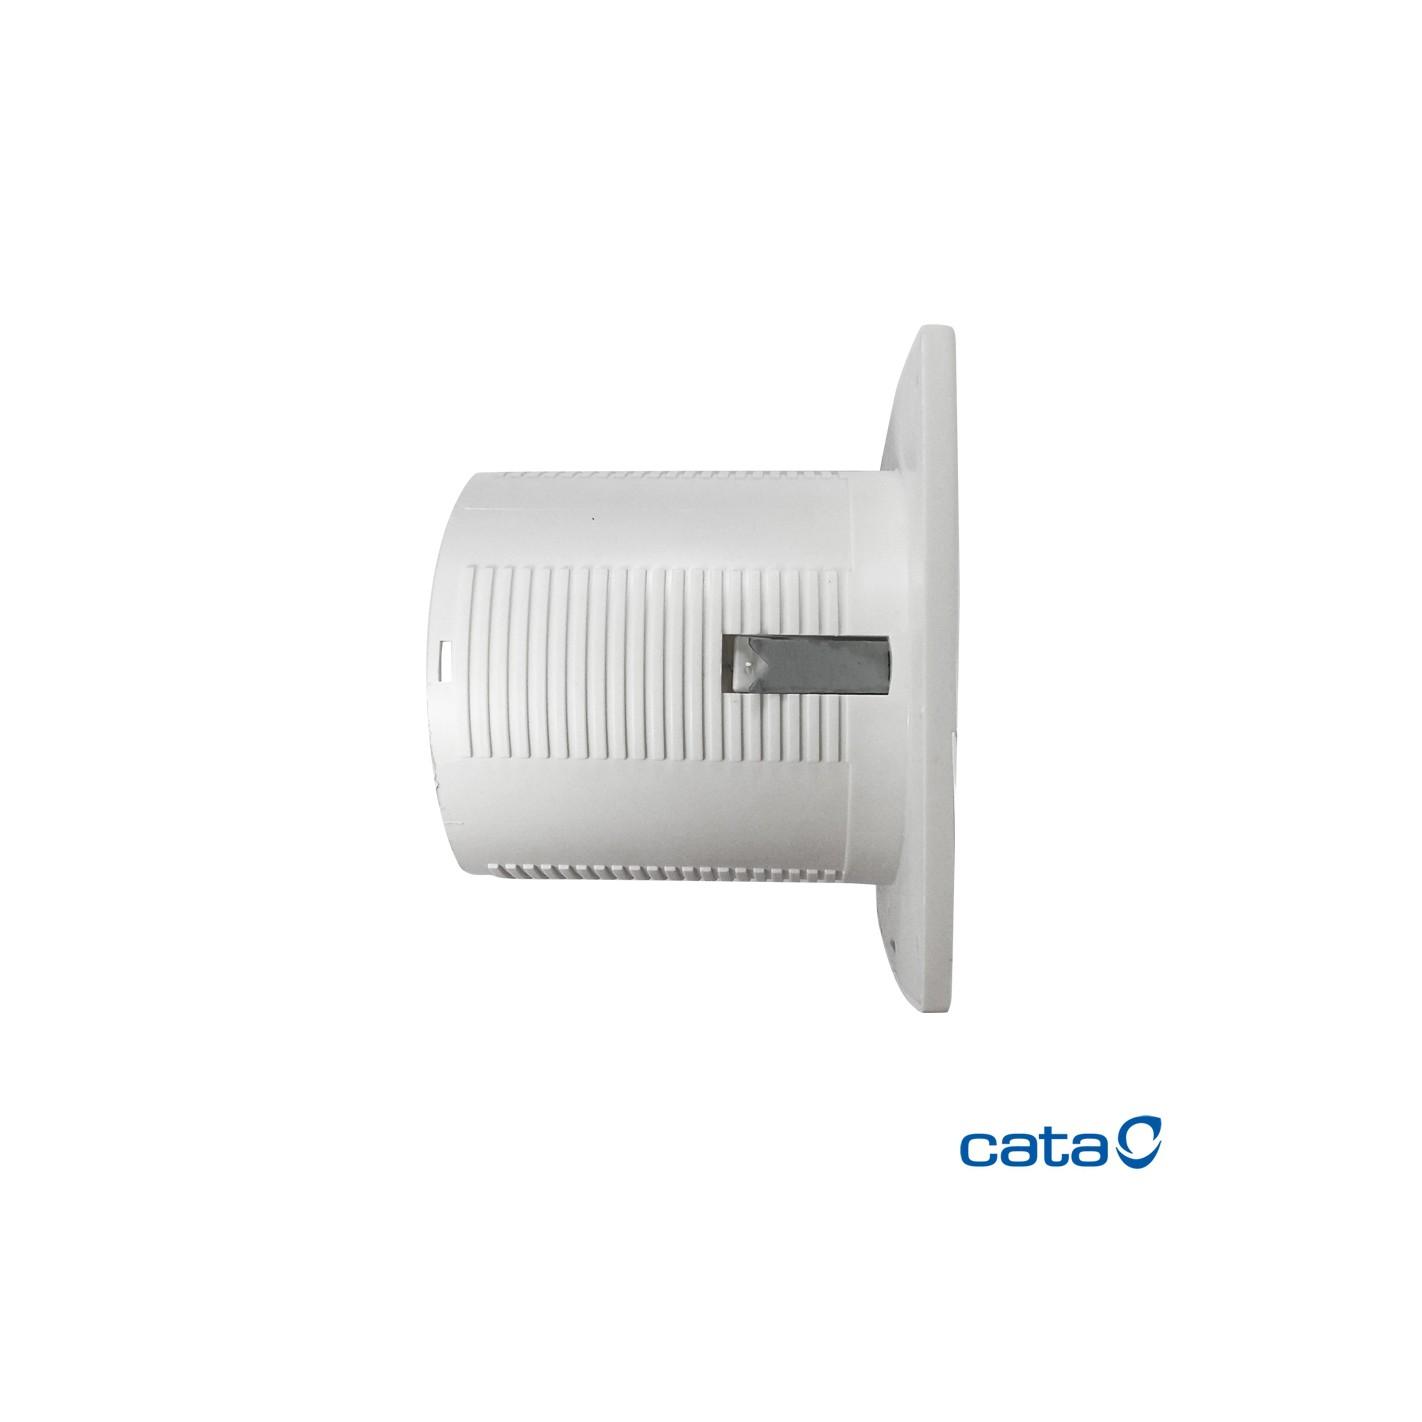 Extractor Baño Rejilla: > Extractores de baño > Extractor de baño Cata B10 PLUS